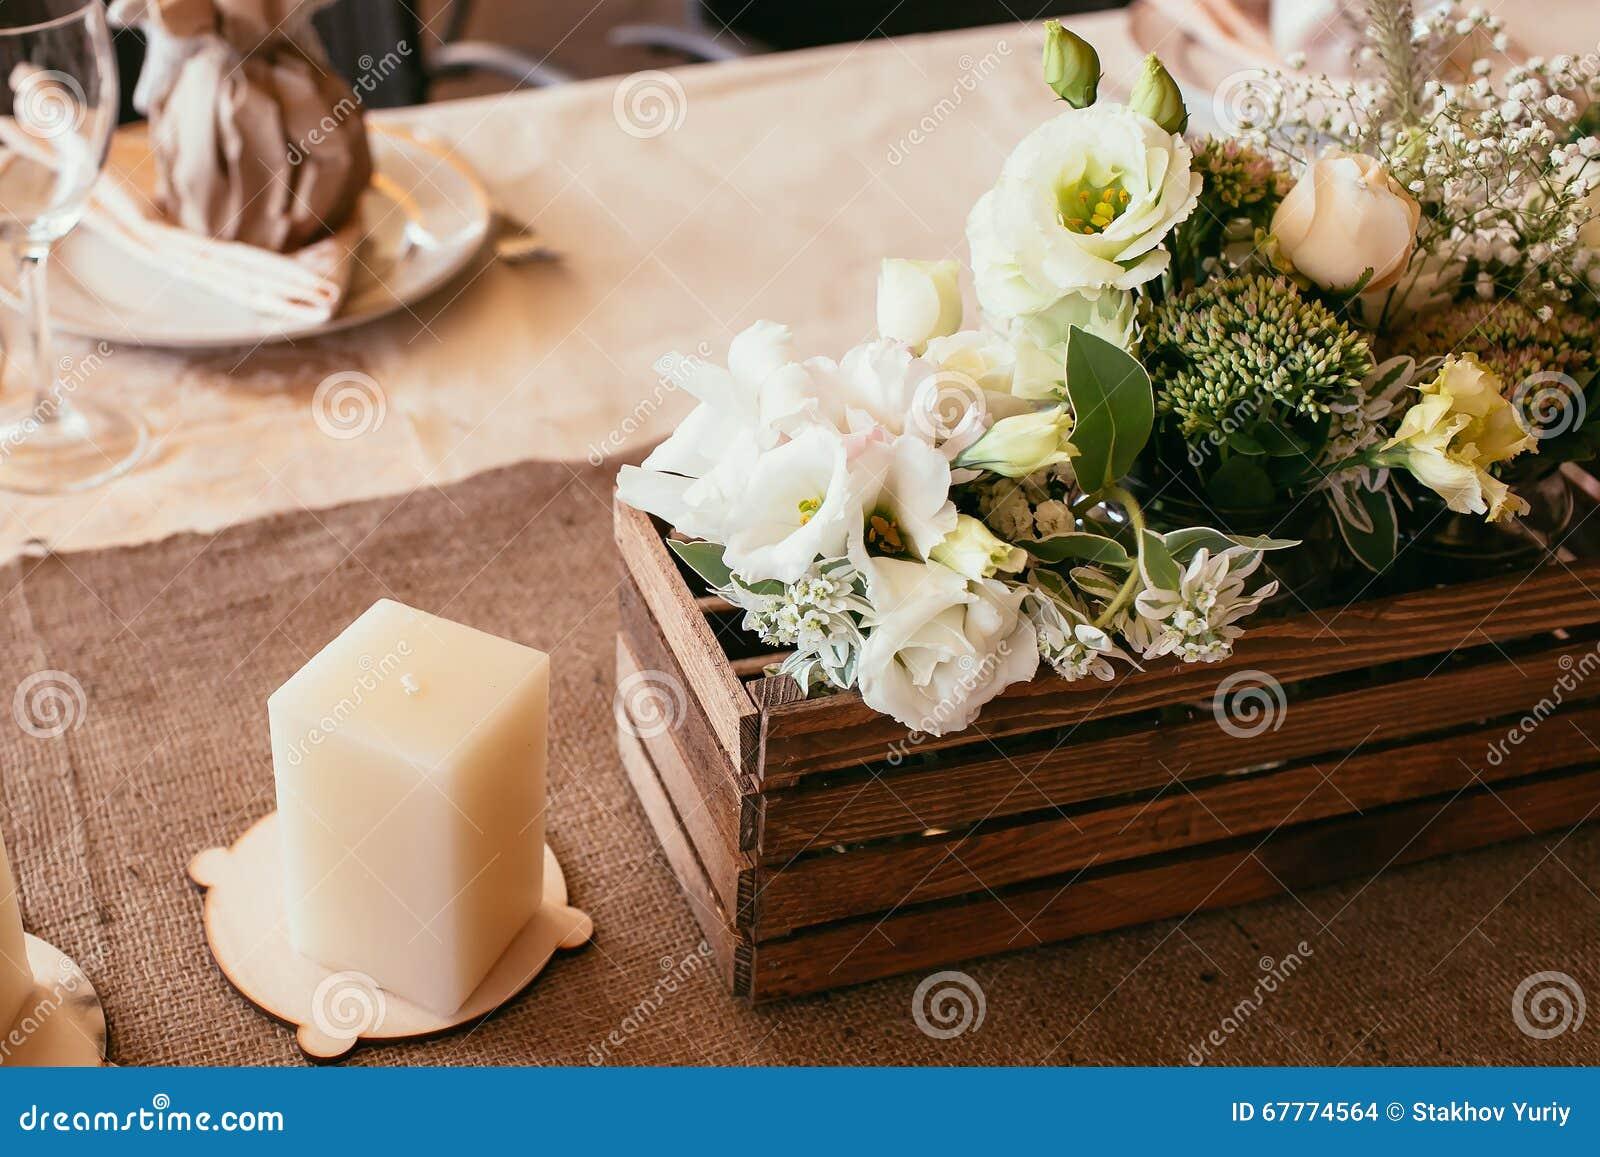 Rustikale Hochzeits Dekorationen Holzkiste Und Kerze Mit